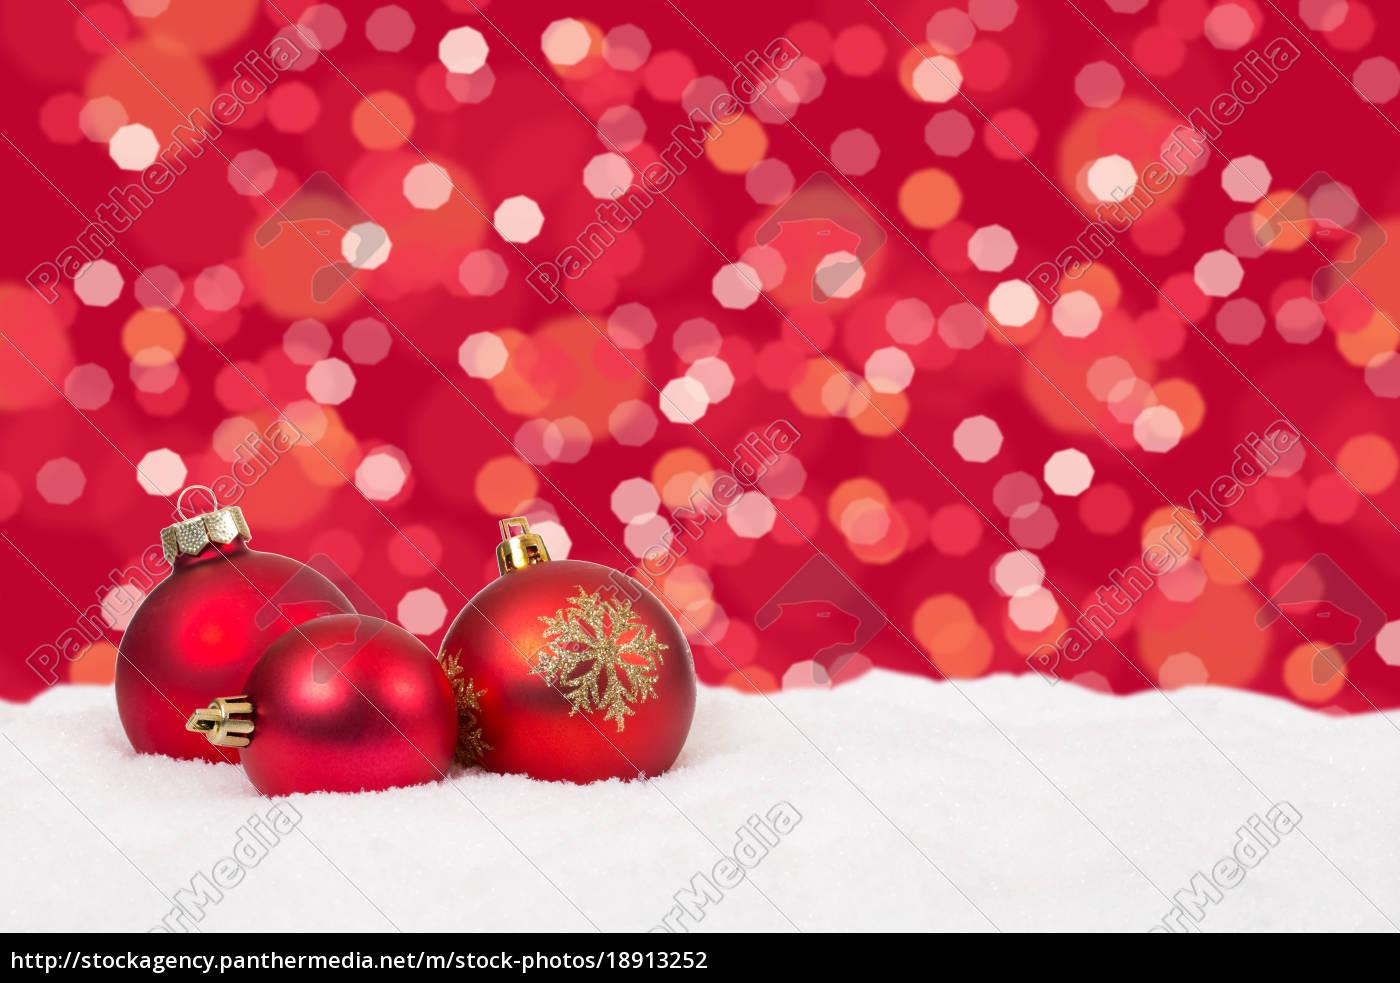 Lizenzfreies Foto 3 - Rote Weihnachtskugeln